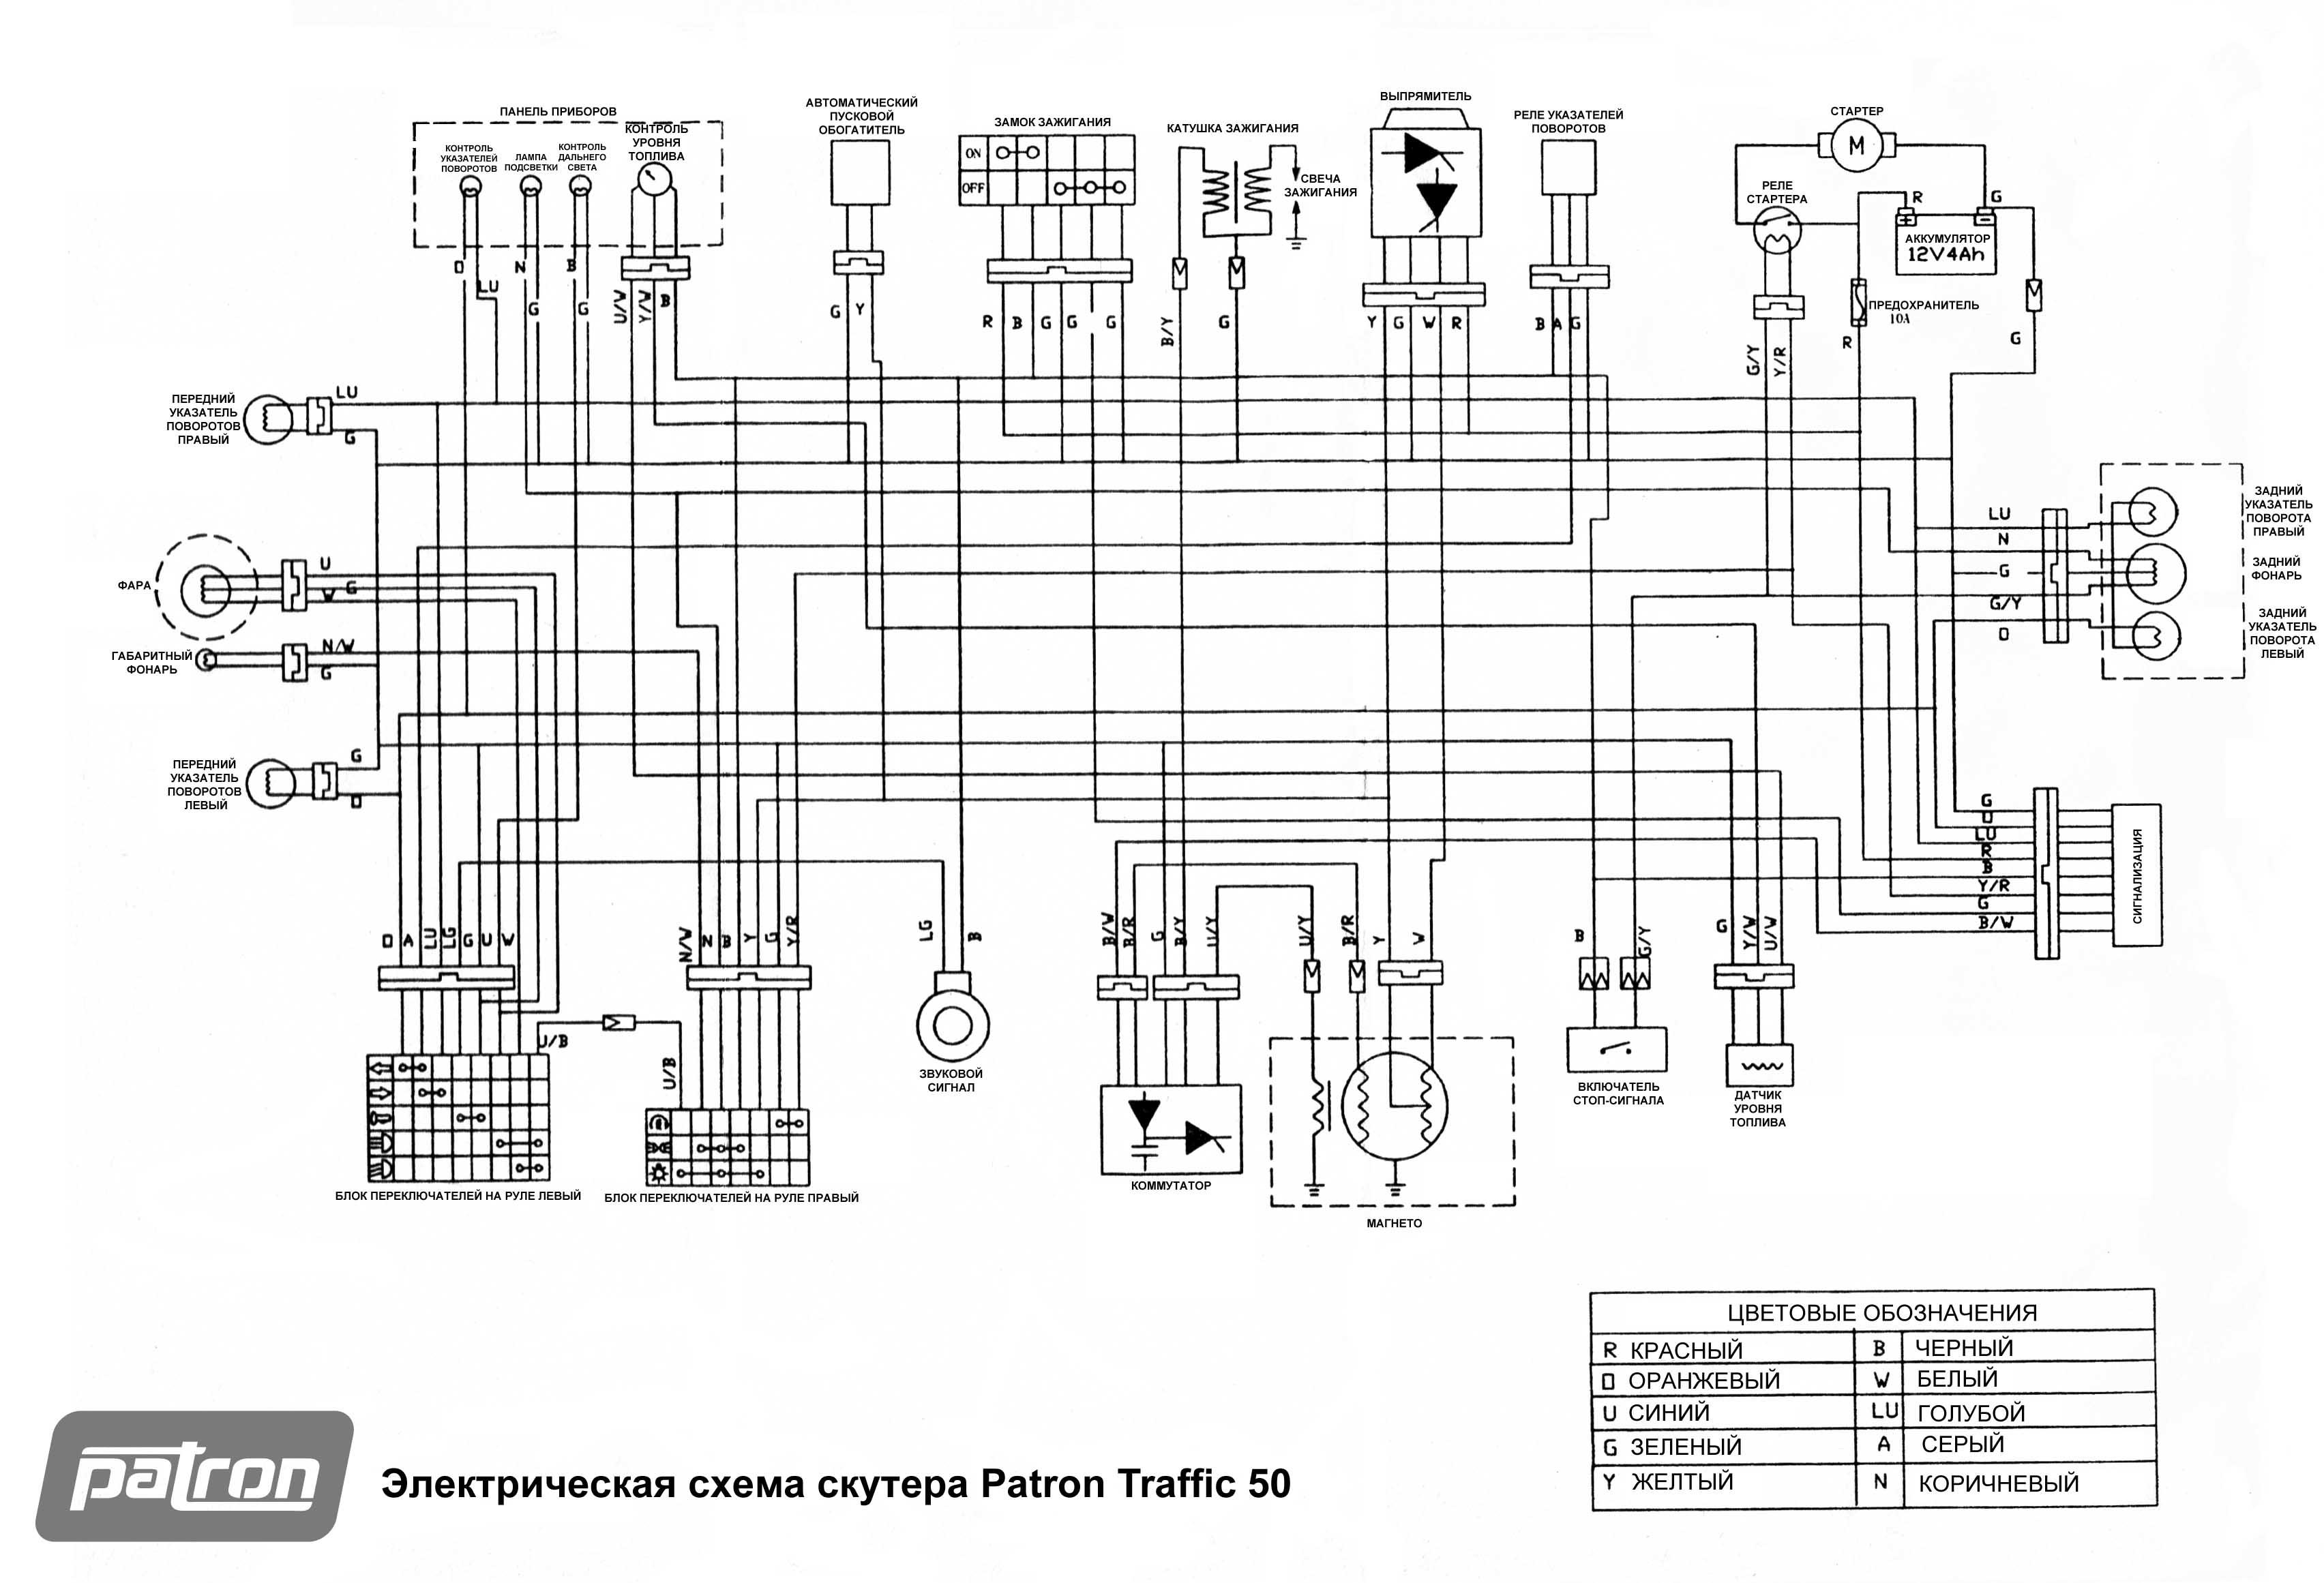 Скутер Kymco Super 9 — техническая схема для ремонта